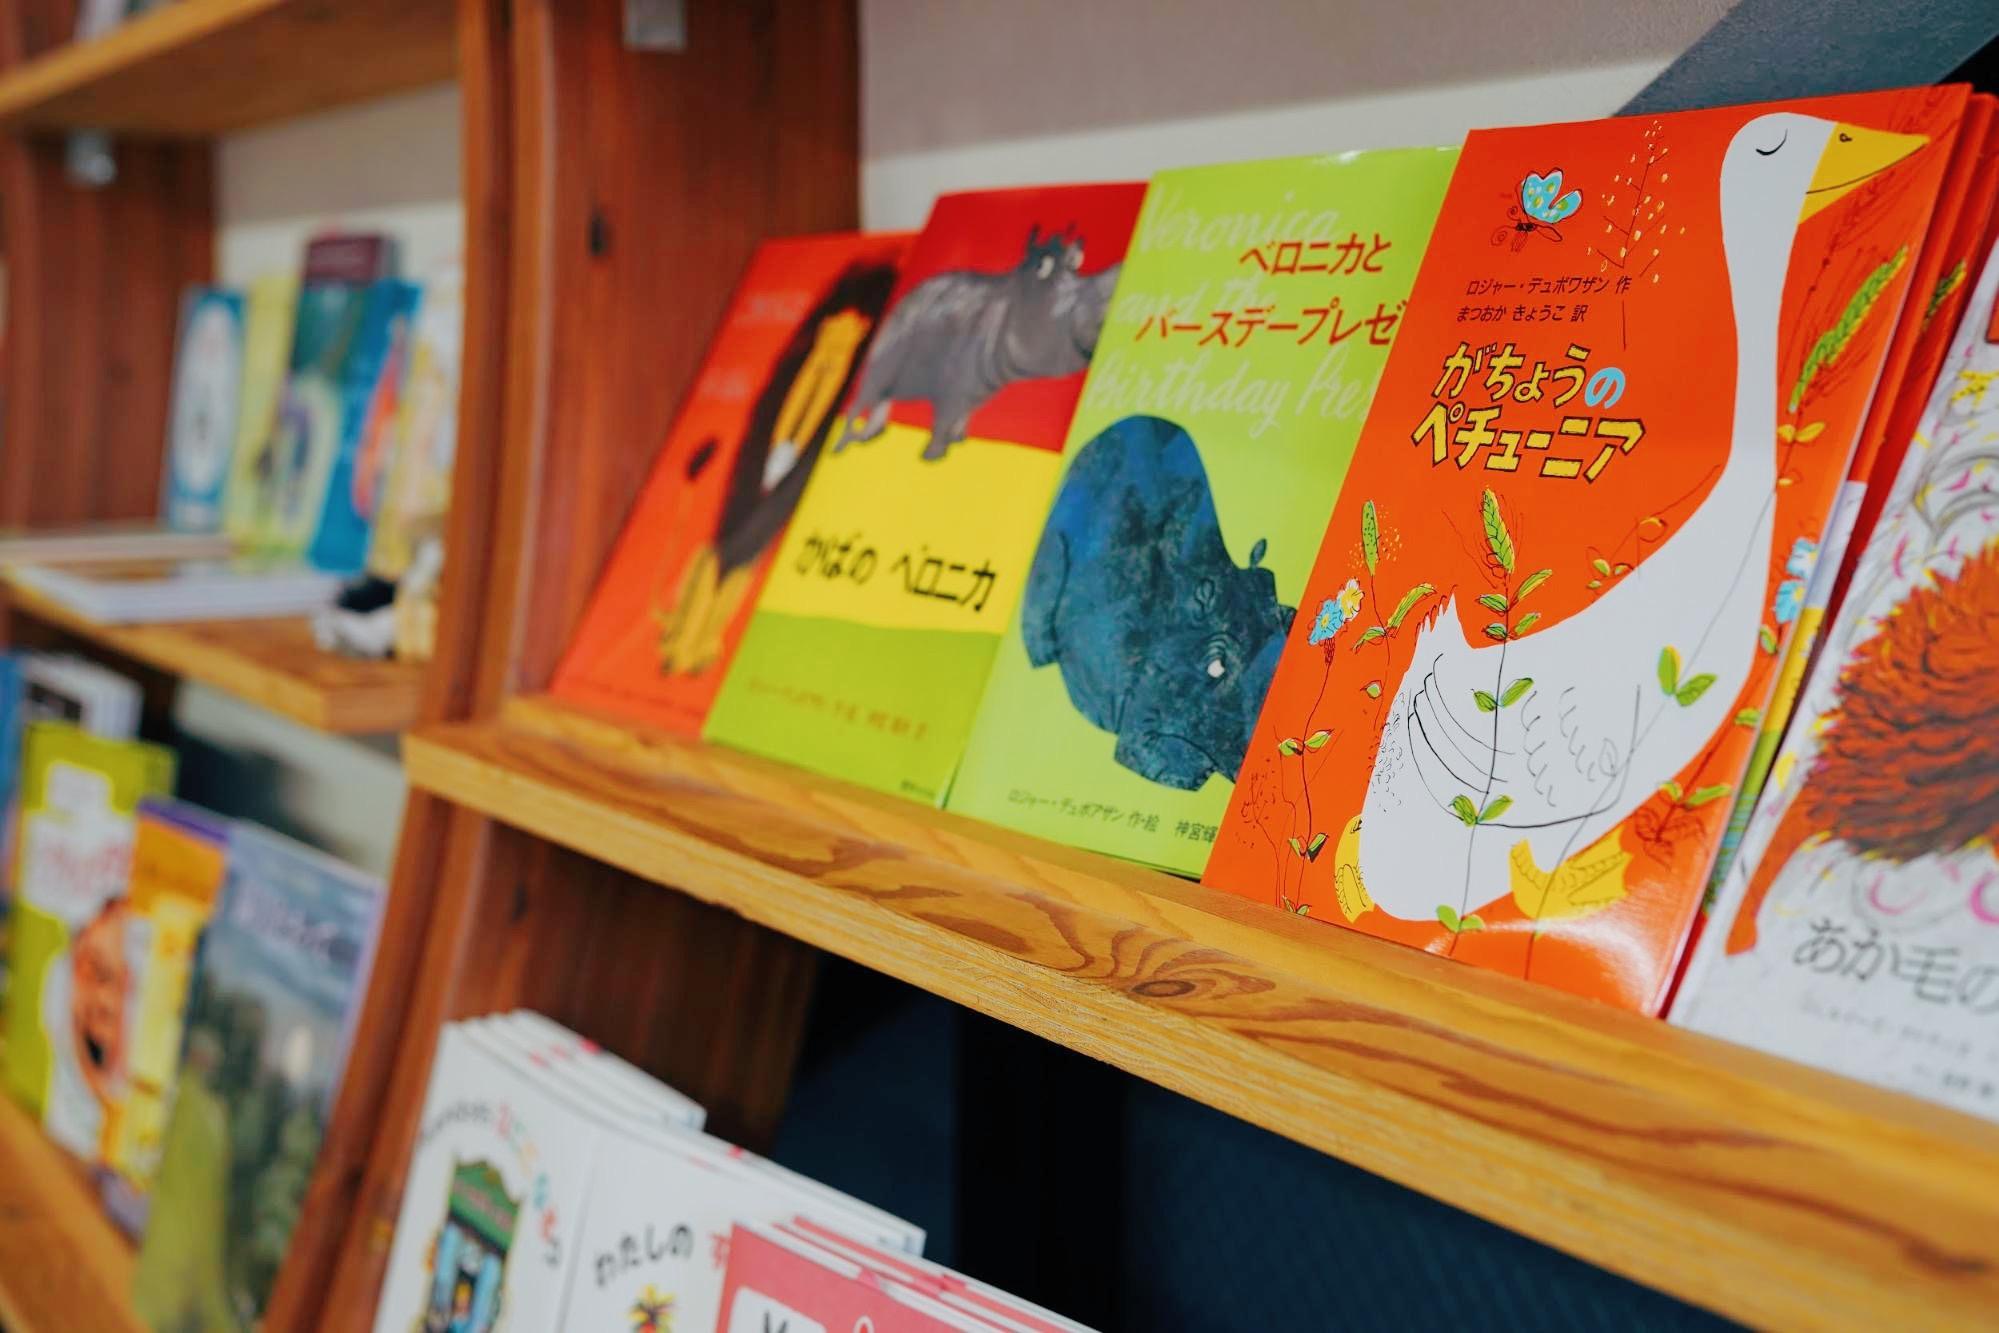 「ただいま」って言いたくなったら。通うほどに心地よくなるブックカフェ『kokoti cafe』 - image11